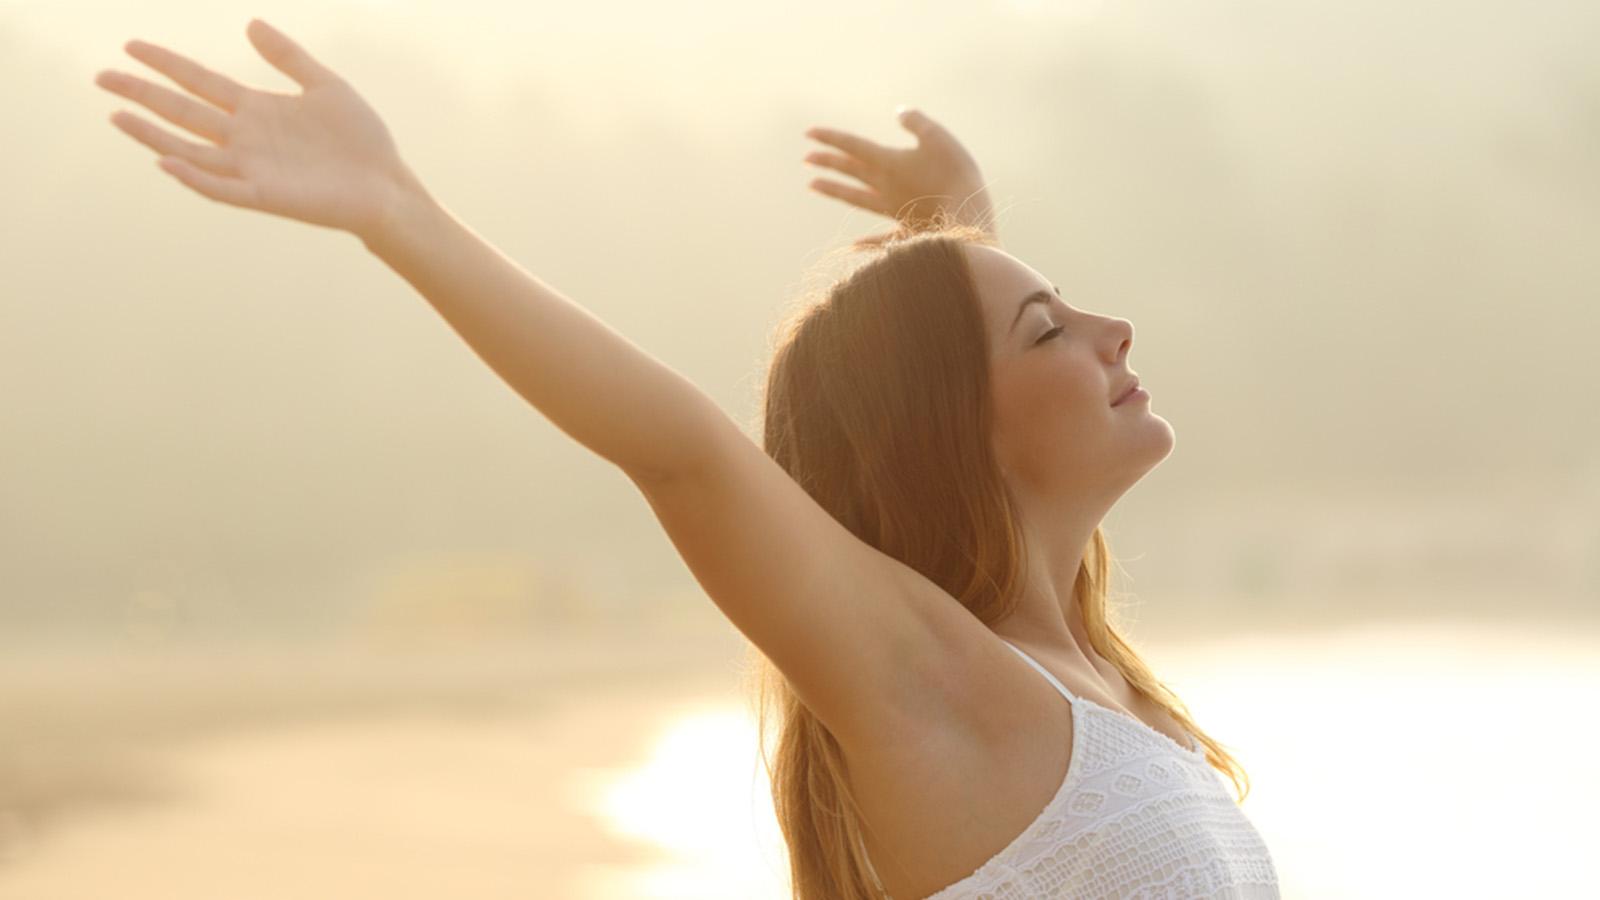 深呼吸ダイエットの驚くべき効果と方法!たった1日2分で脂肪燃焼を促進◎